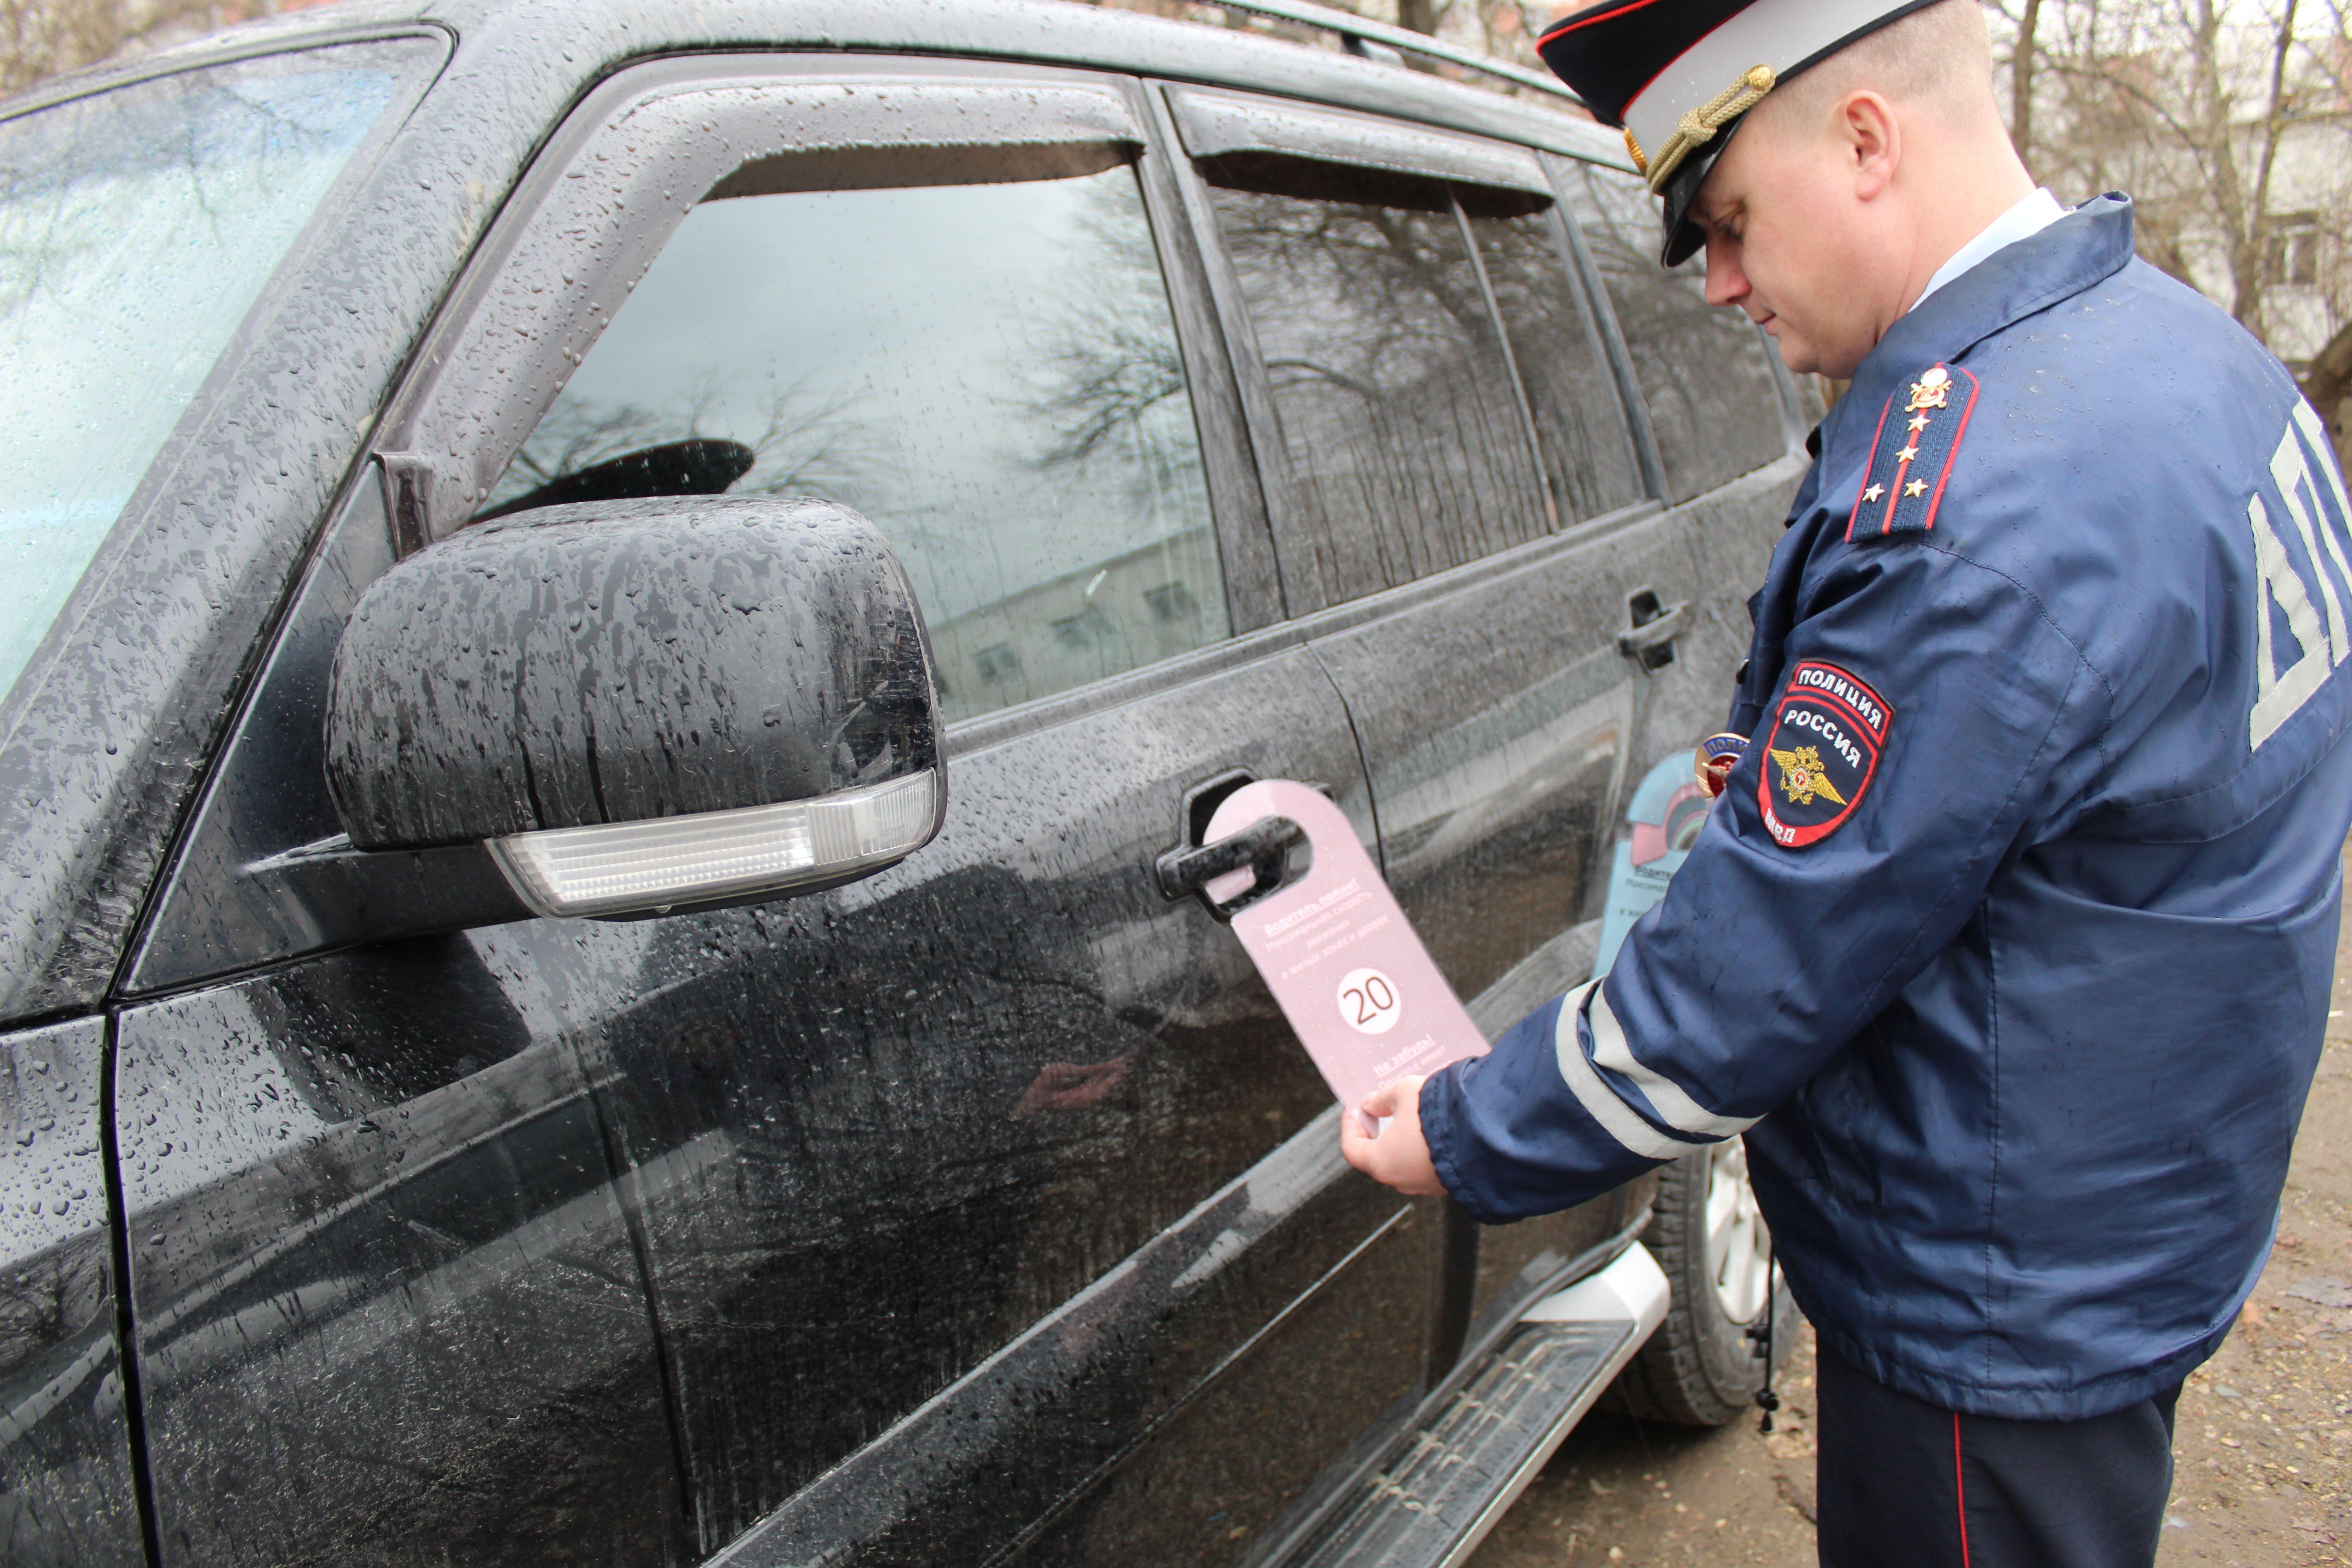 Акцию «Безопасный двор» провели сотрудники Госавтоинспекции Южного округа города Москвы. Фото предоставила пресс-служба ЮАО